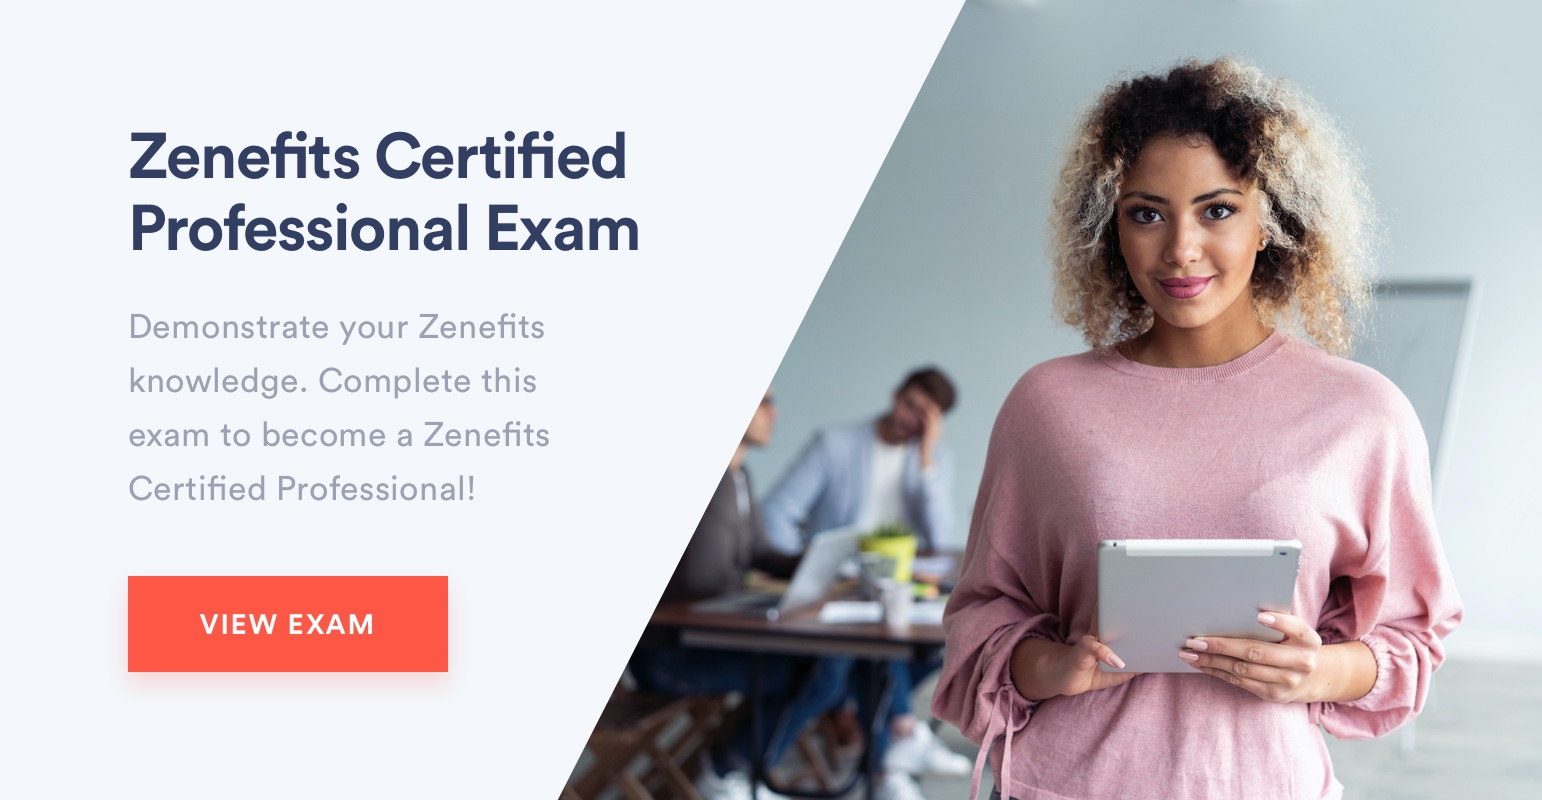 Zenefits Certified Exam